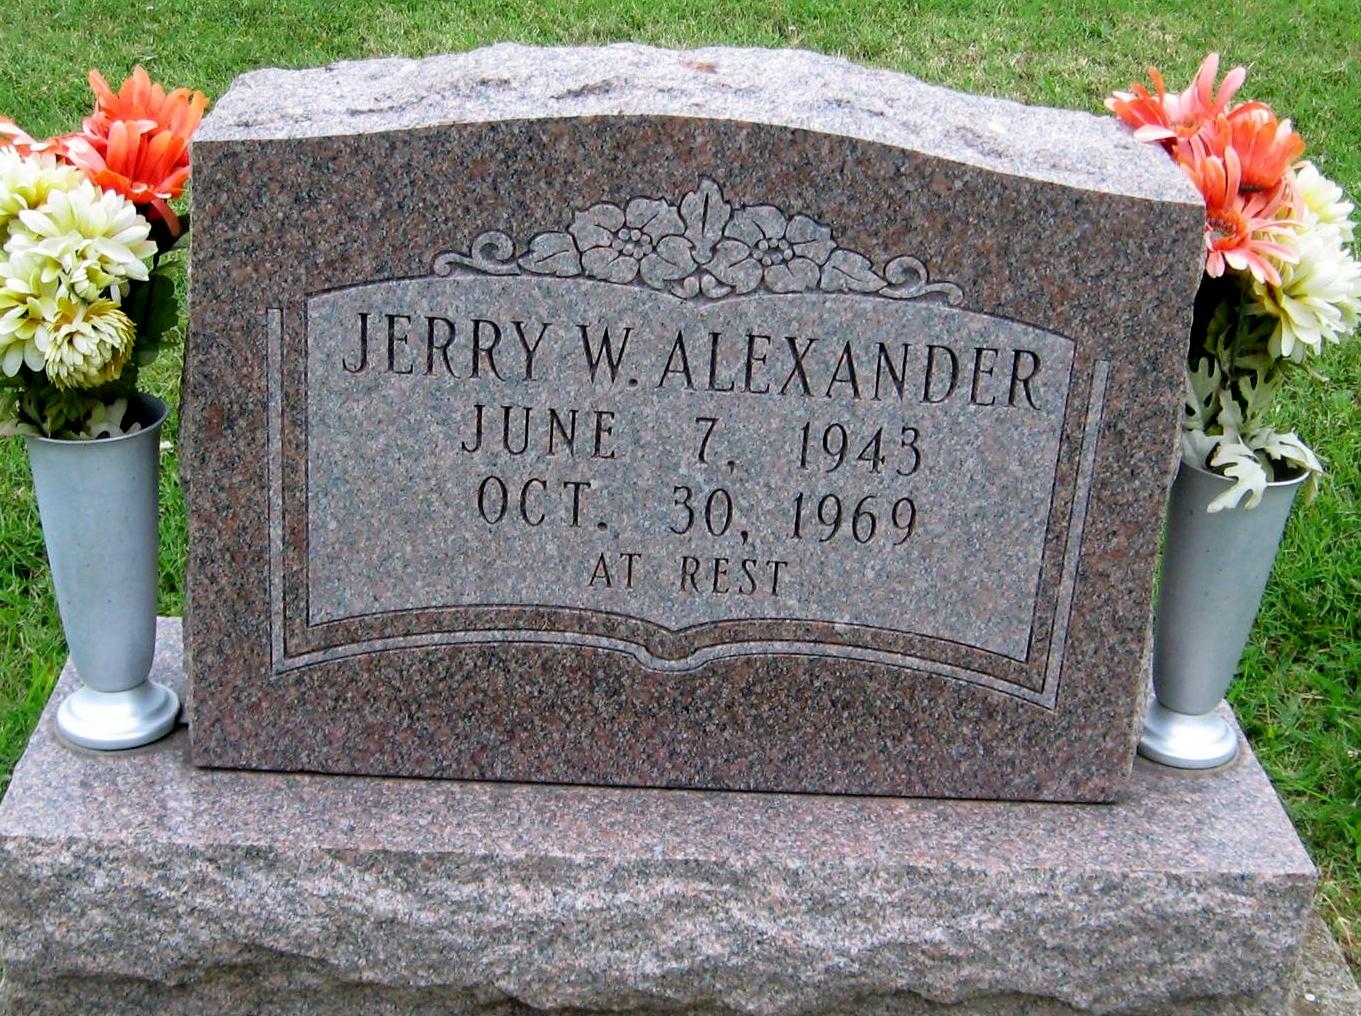 Jerry W. Alexander